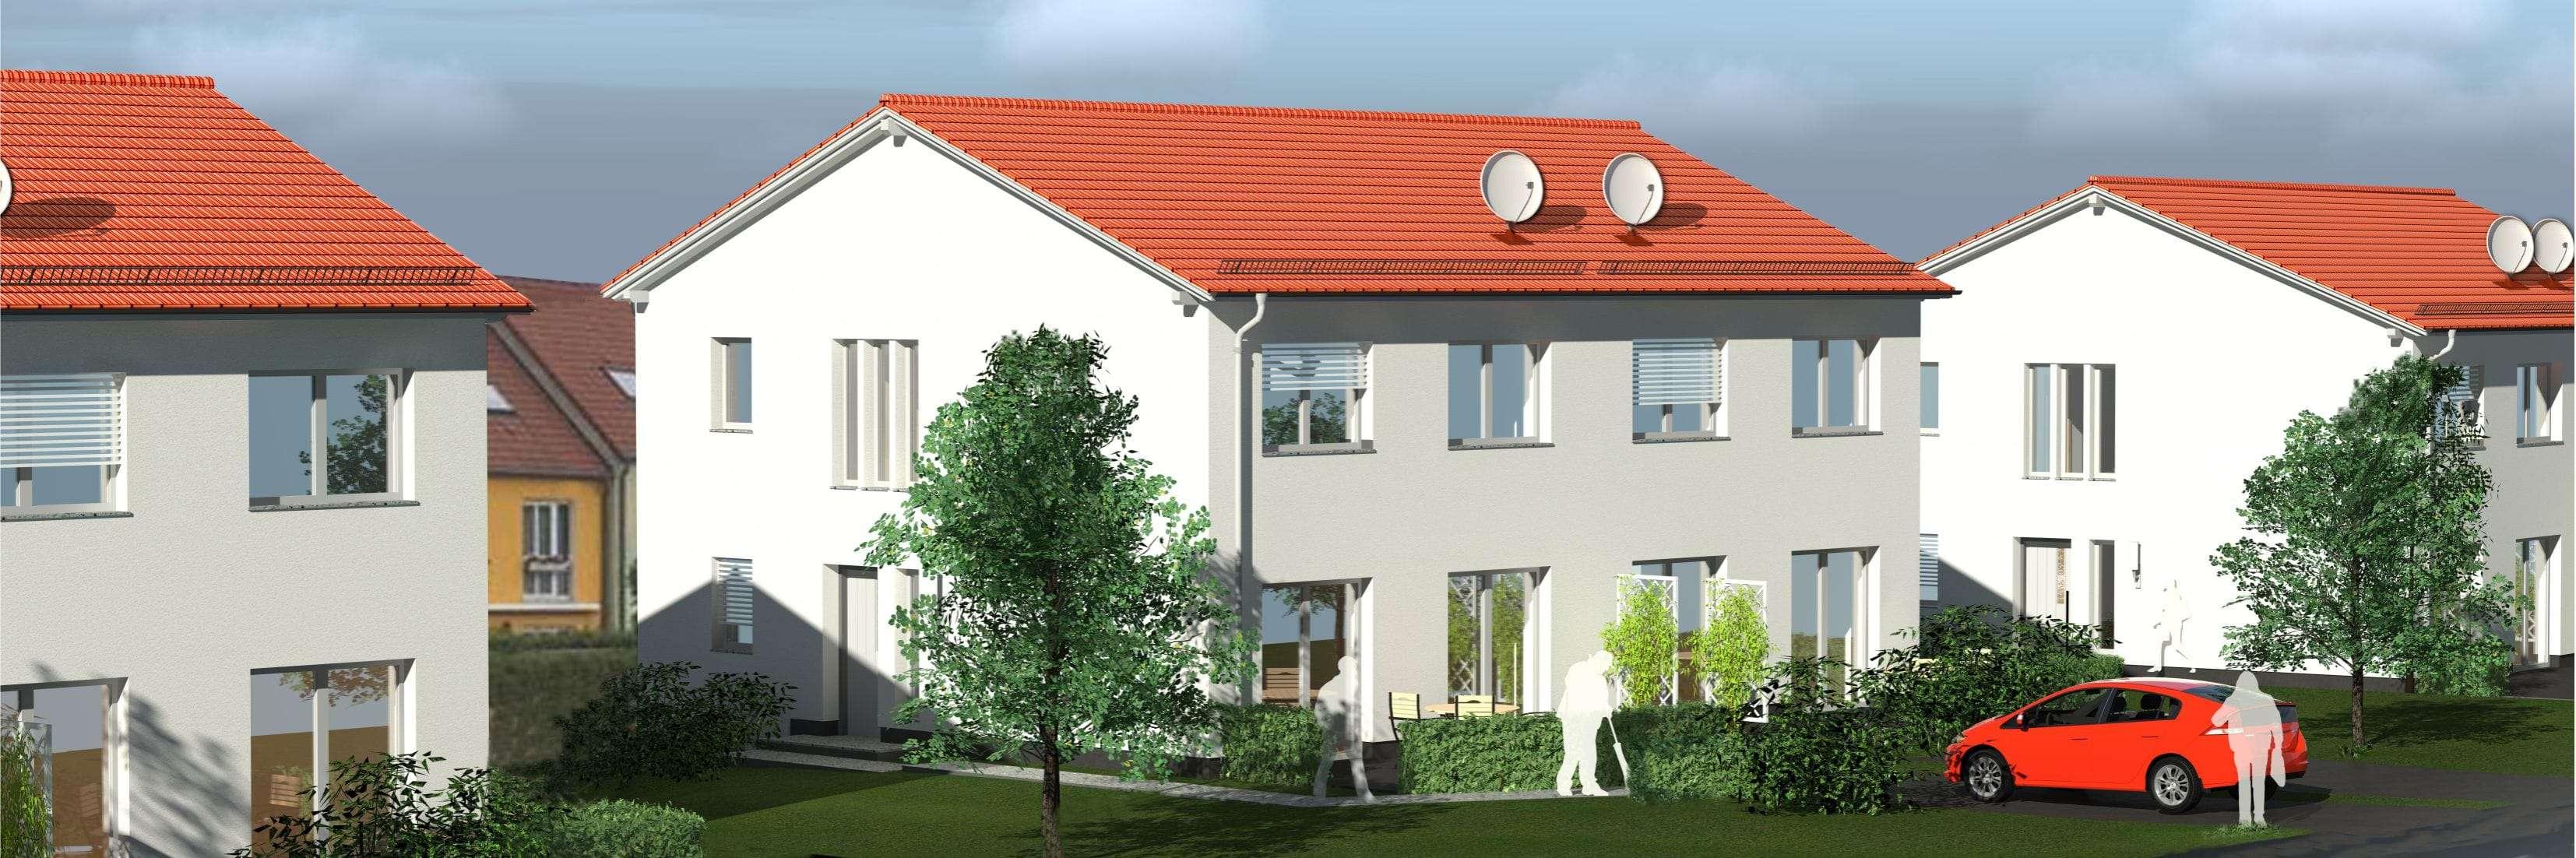 Kompaktes Haus mit viel Platz - Einzug ab Frühjahr 2019 möglich - Haus zum Kauf in Radeburg